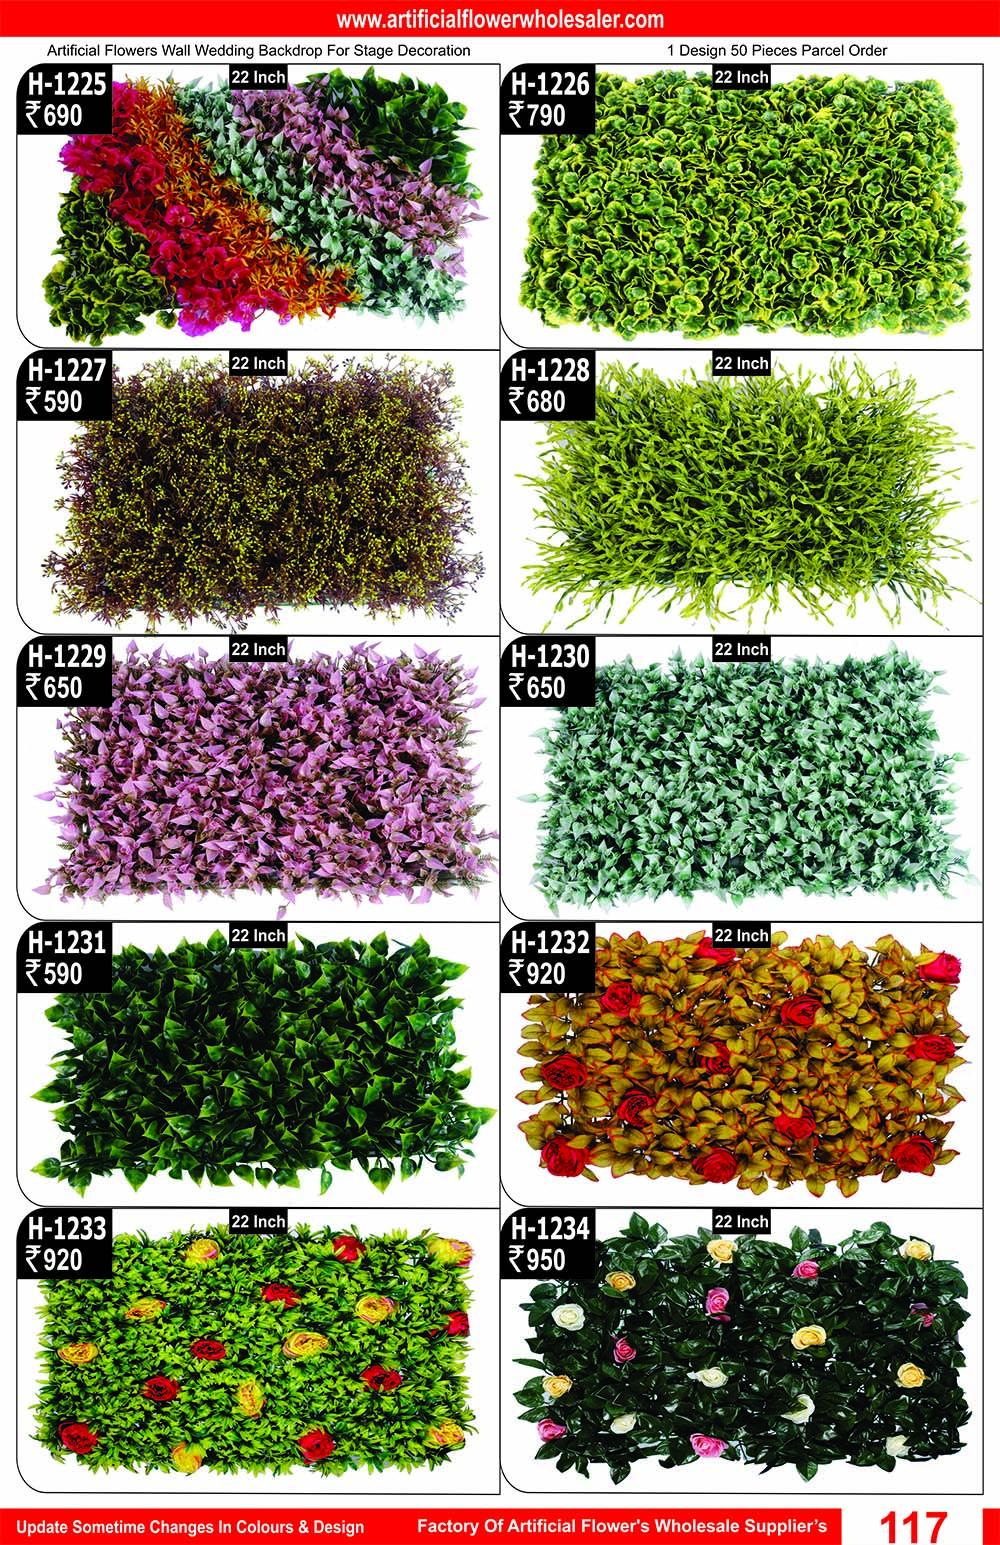 117-artificial-flower-wholesaler